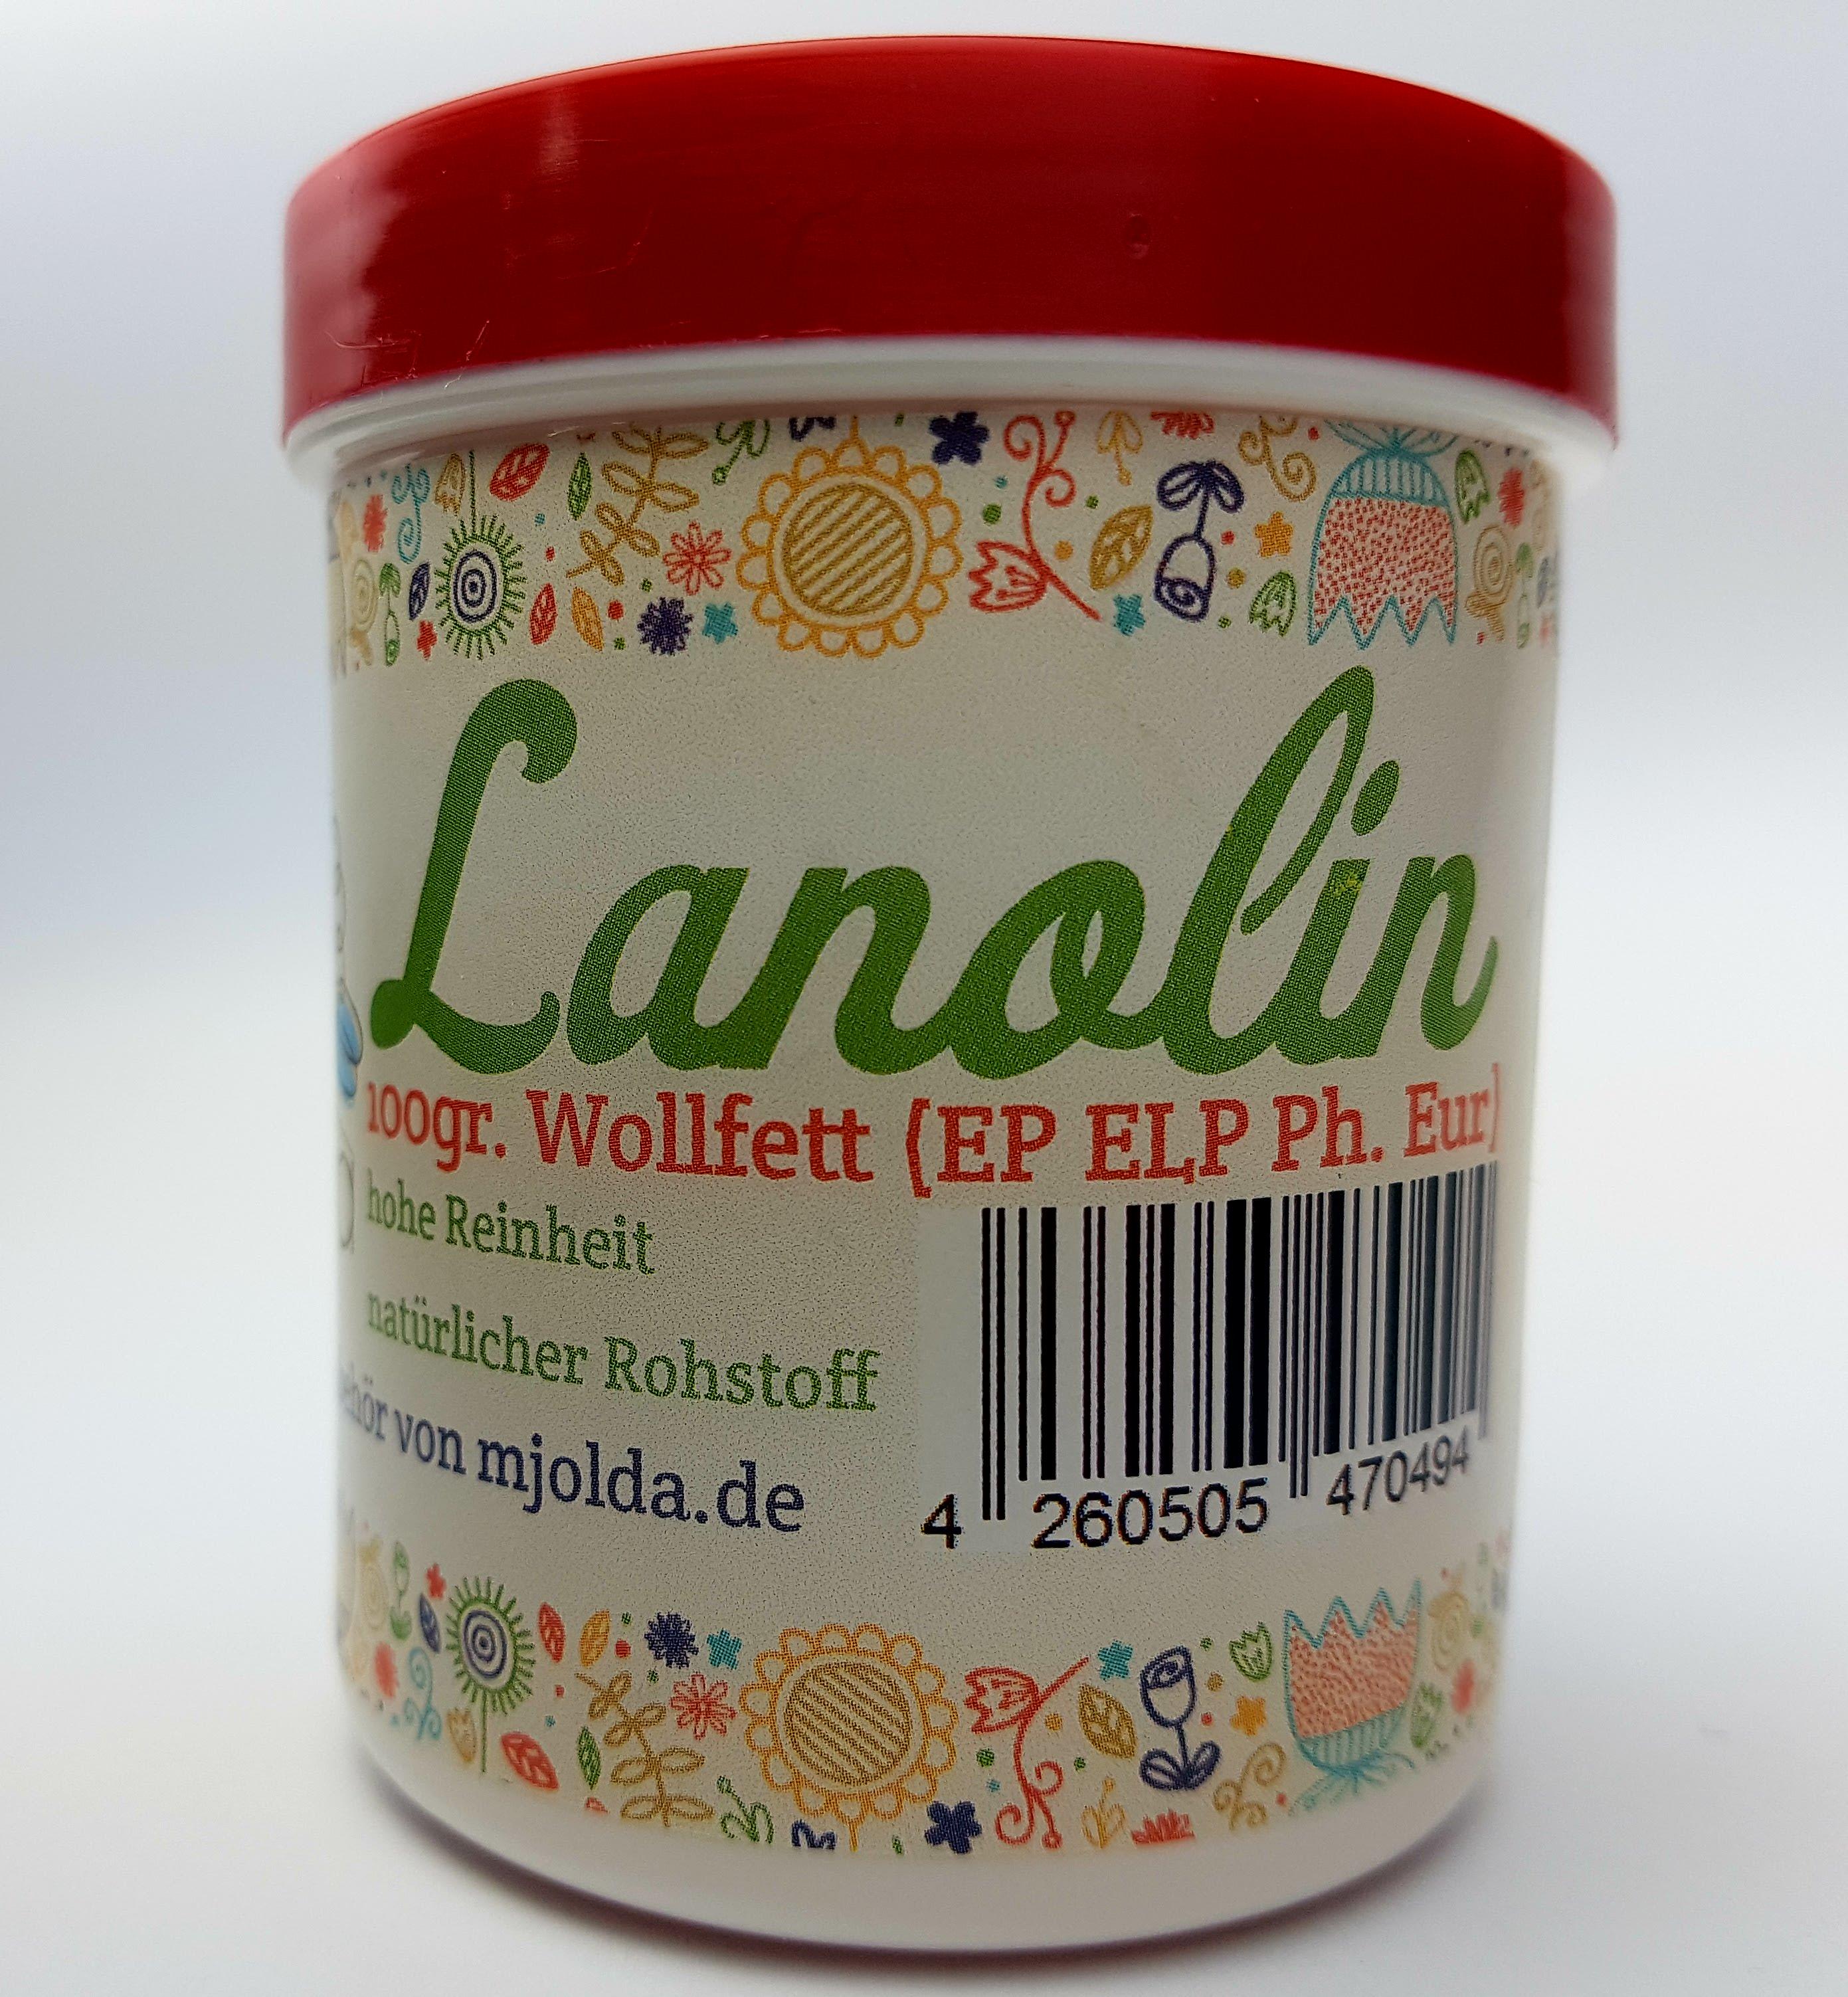 Lanolin 100 Gramm von mjolda kaufen